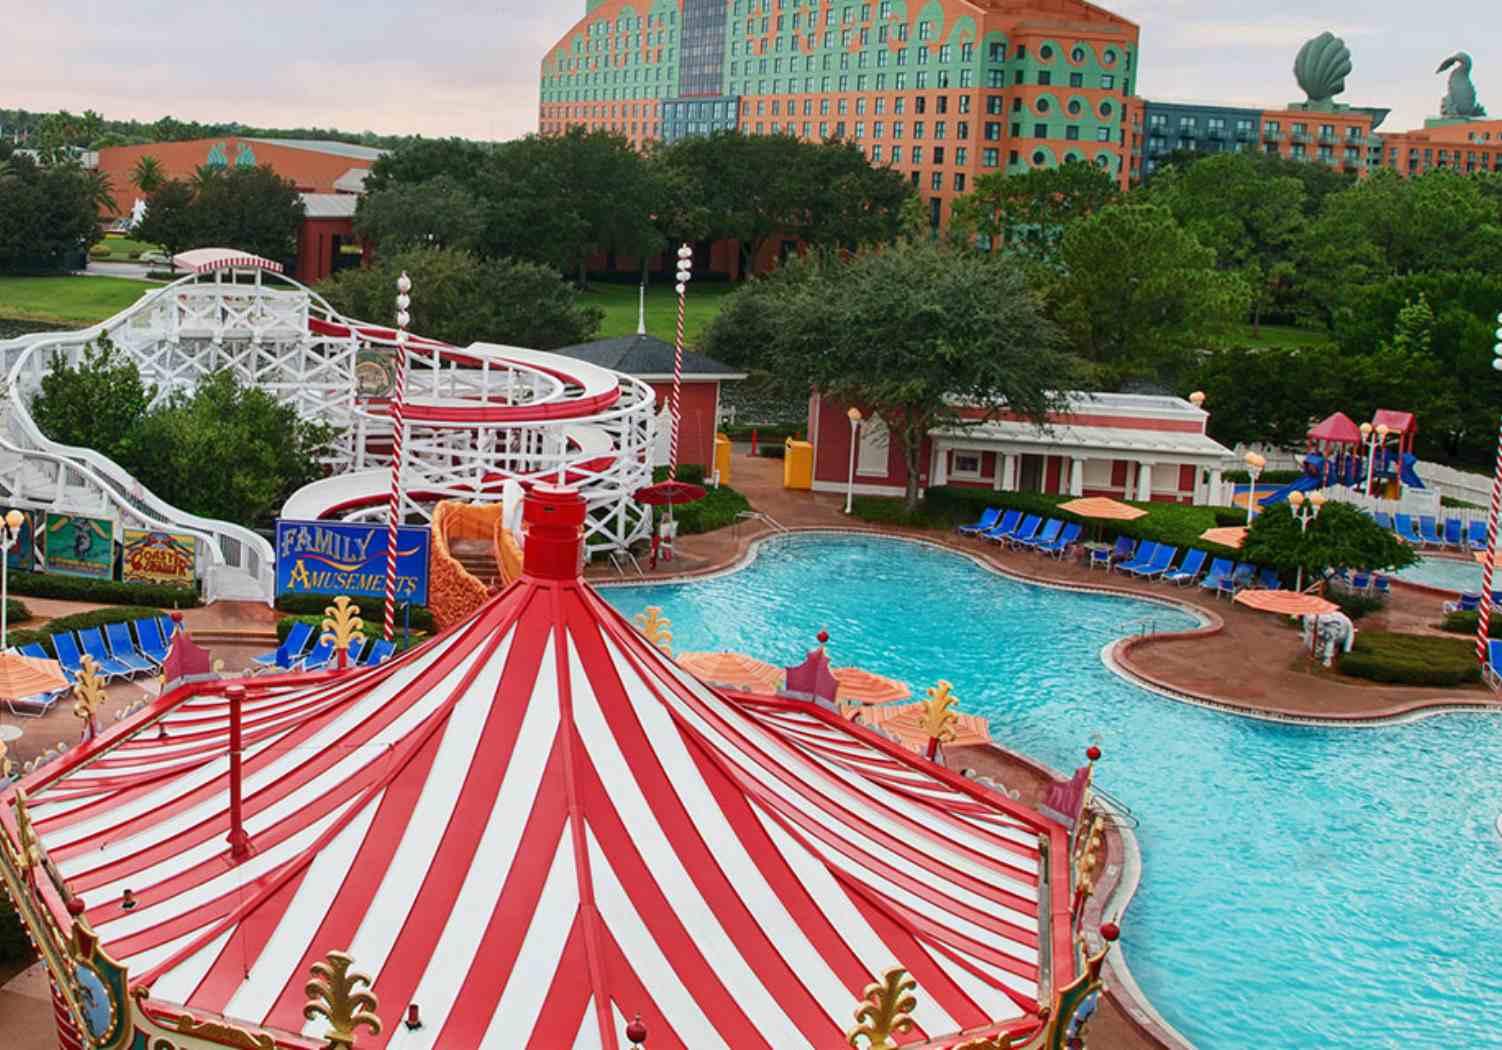 Luna Park Pool at Disney's BoardWalk Inn